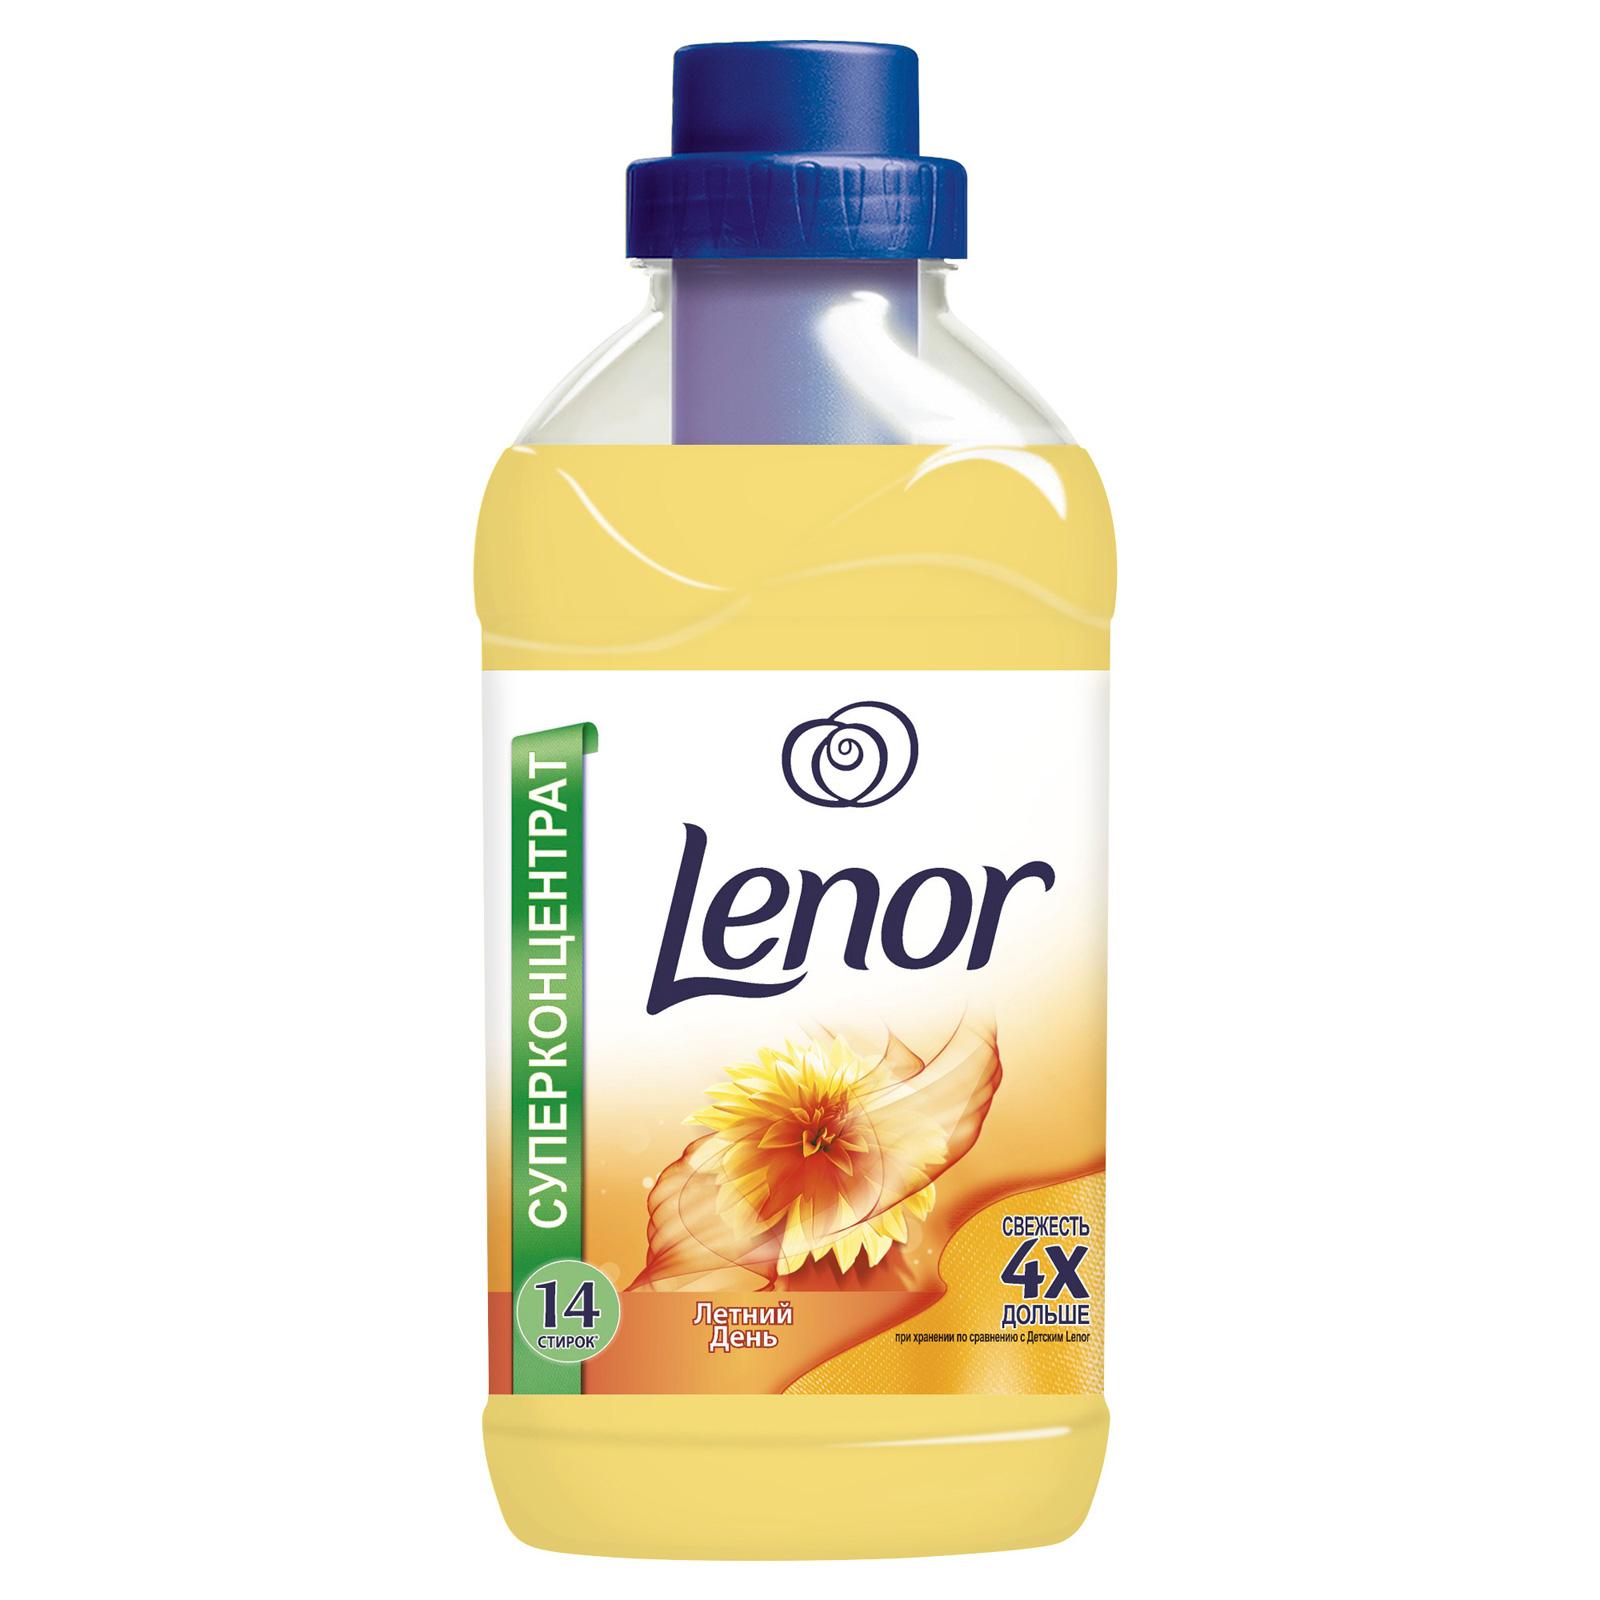 Кондиционер для белья Lenor 0,5 л Летний День 500мл (14стирок)<br>